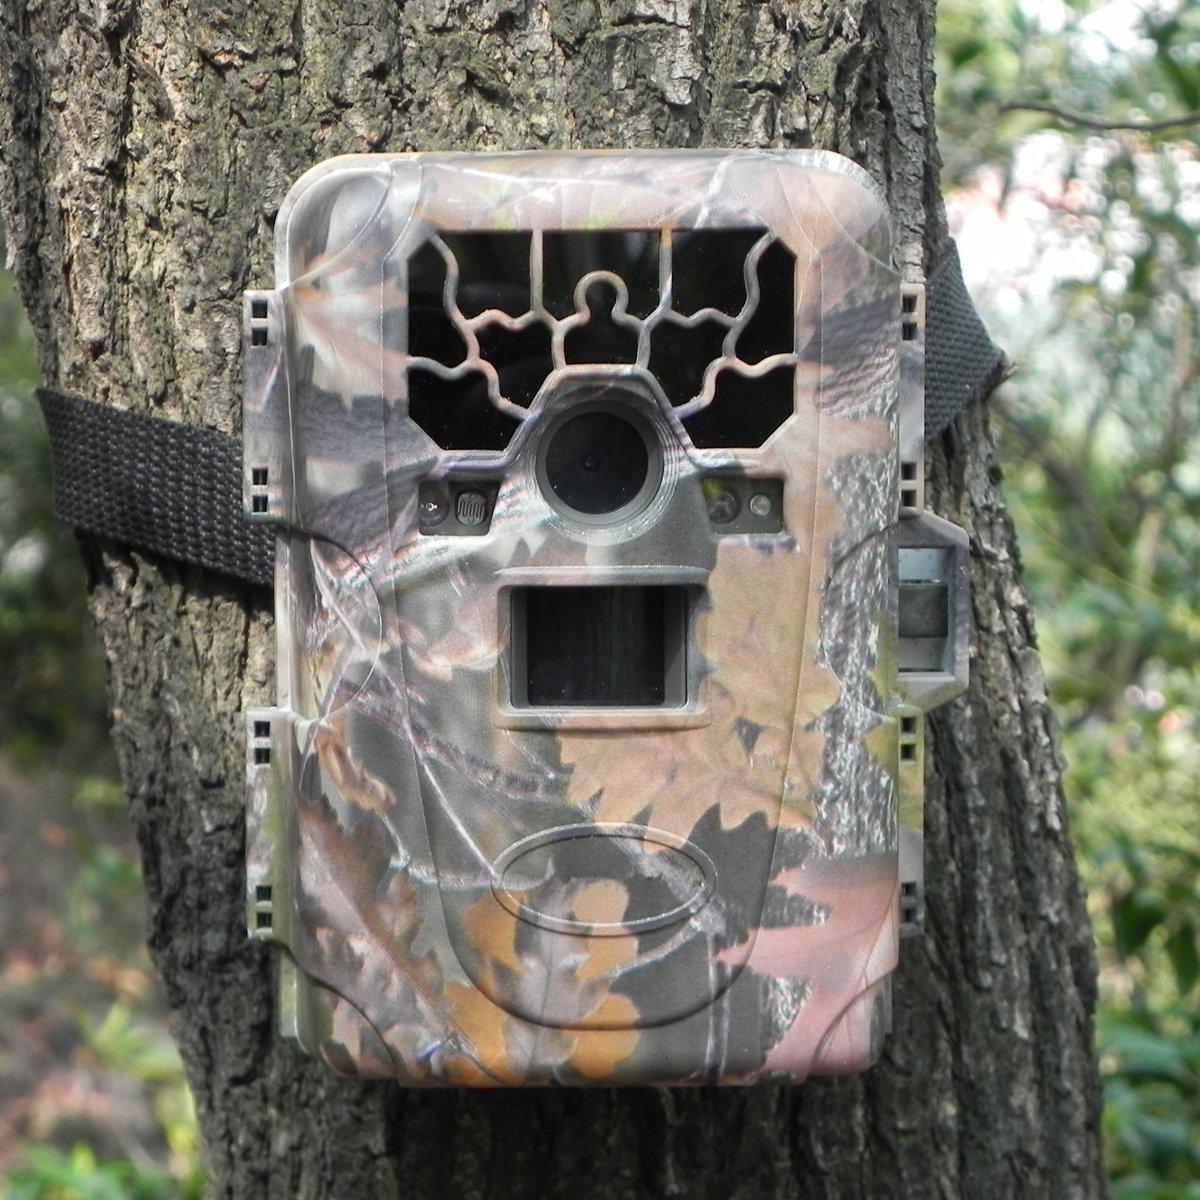 Gemtune SG880V Hunting camera トレイルカメラ B01KVASMK8